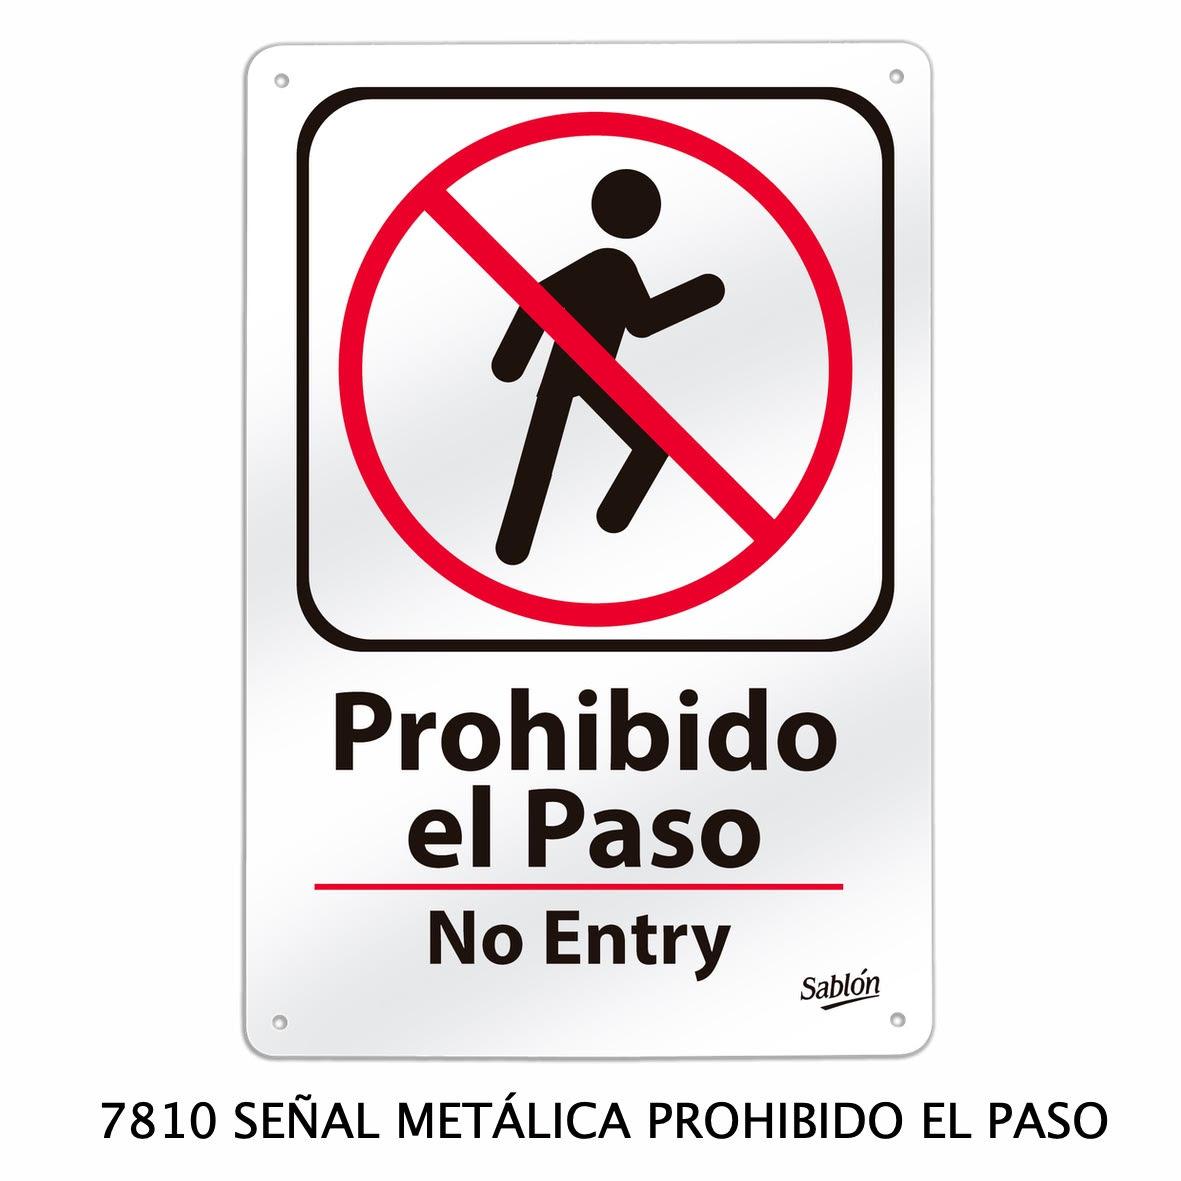 Señal metálica de prohibido el paso modelo 7810 de Sablón